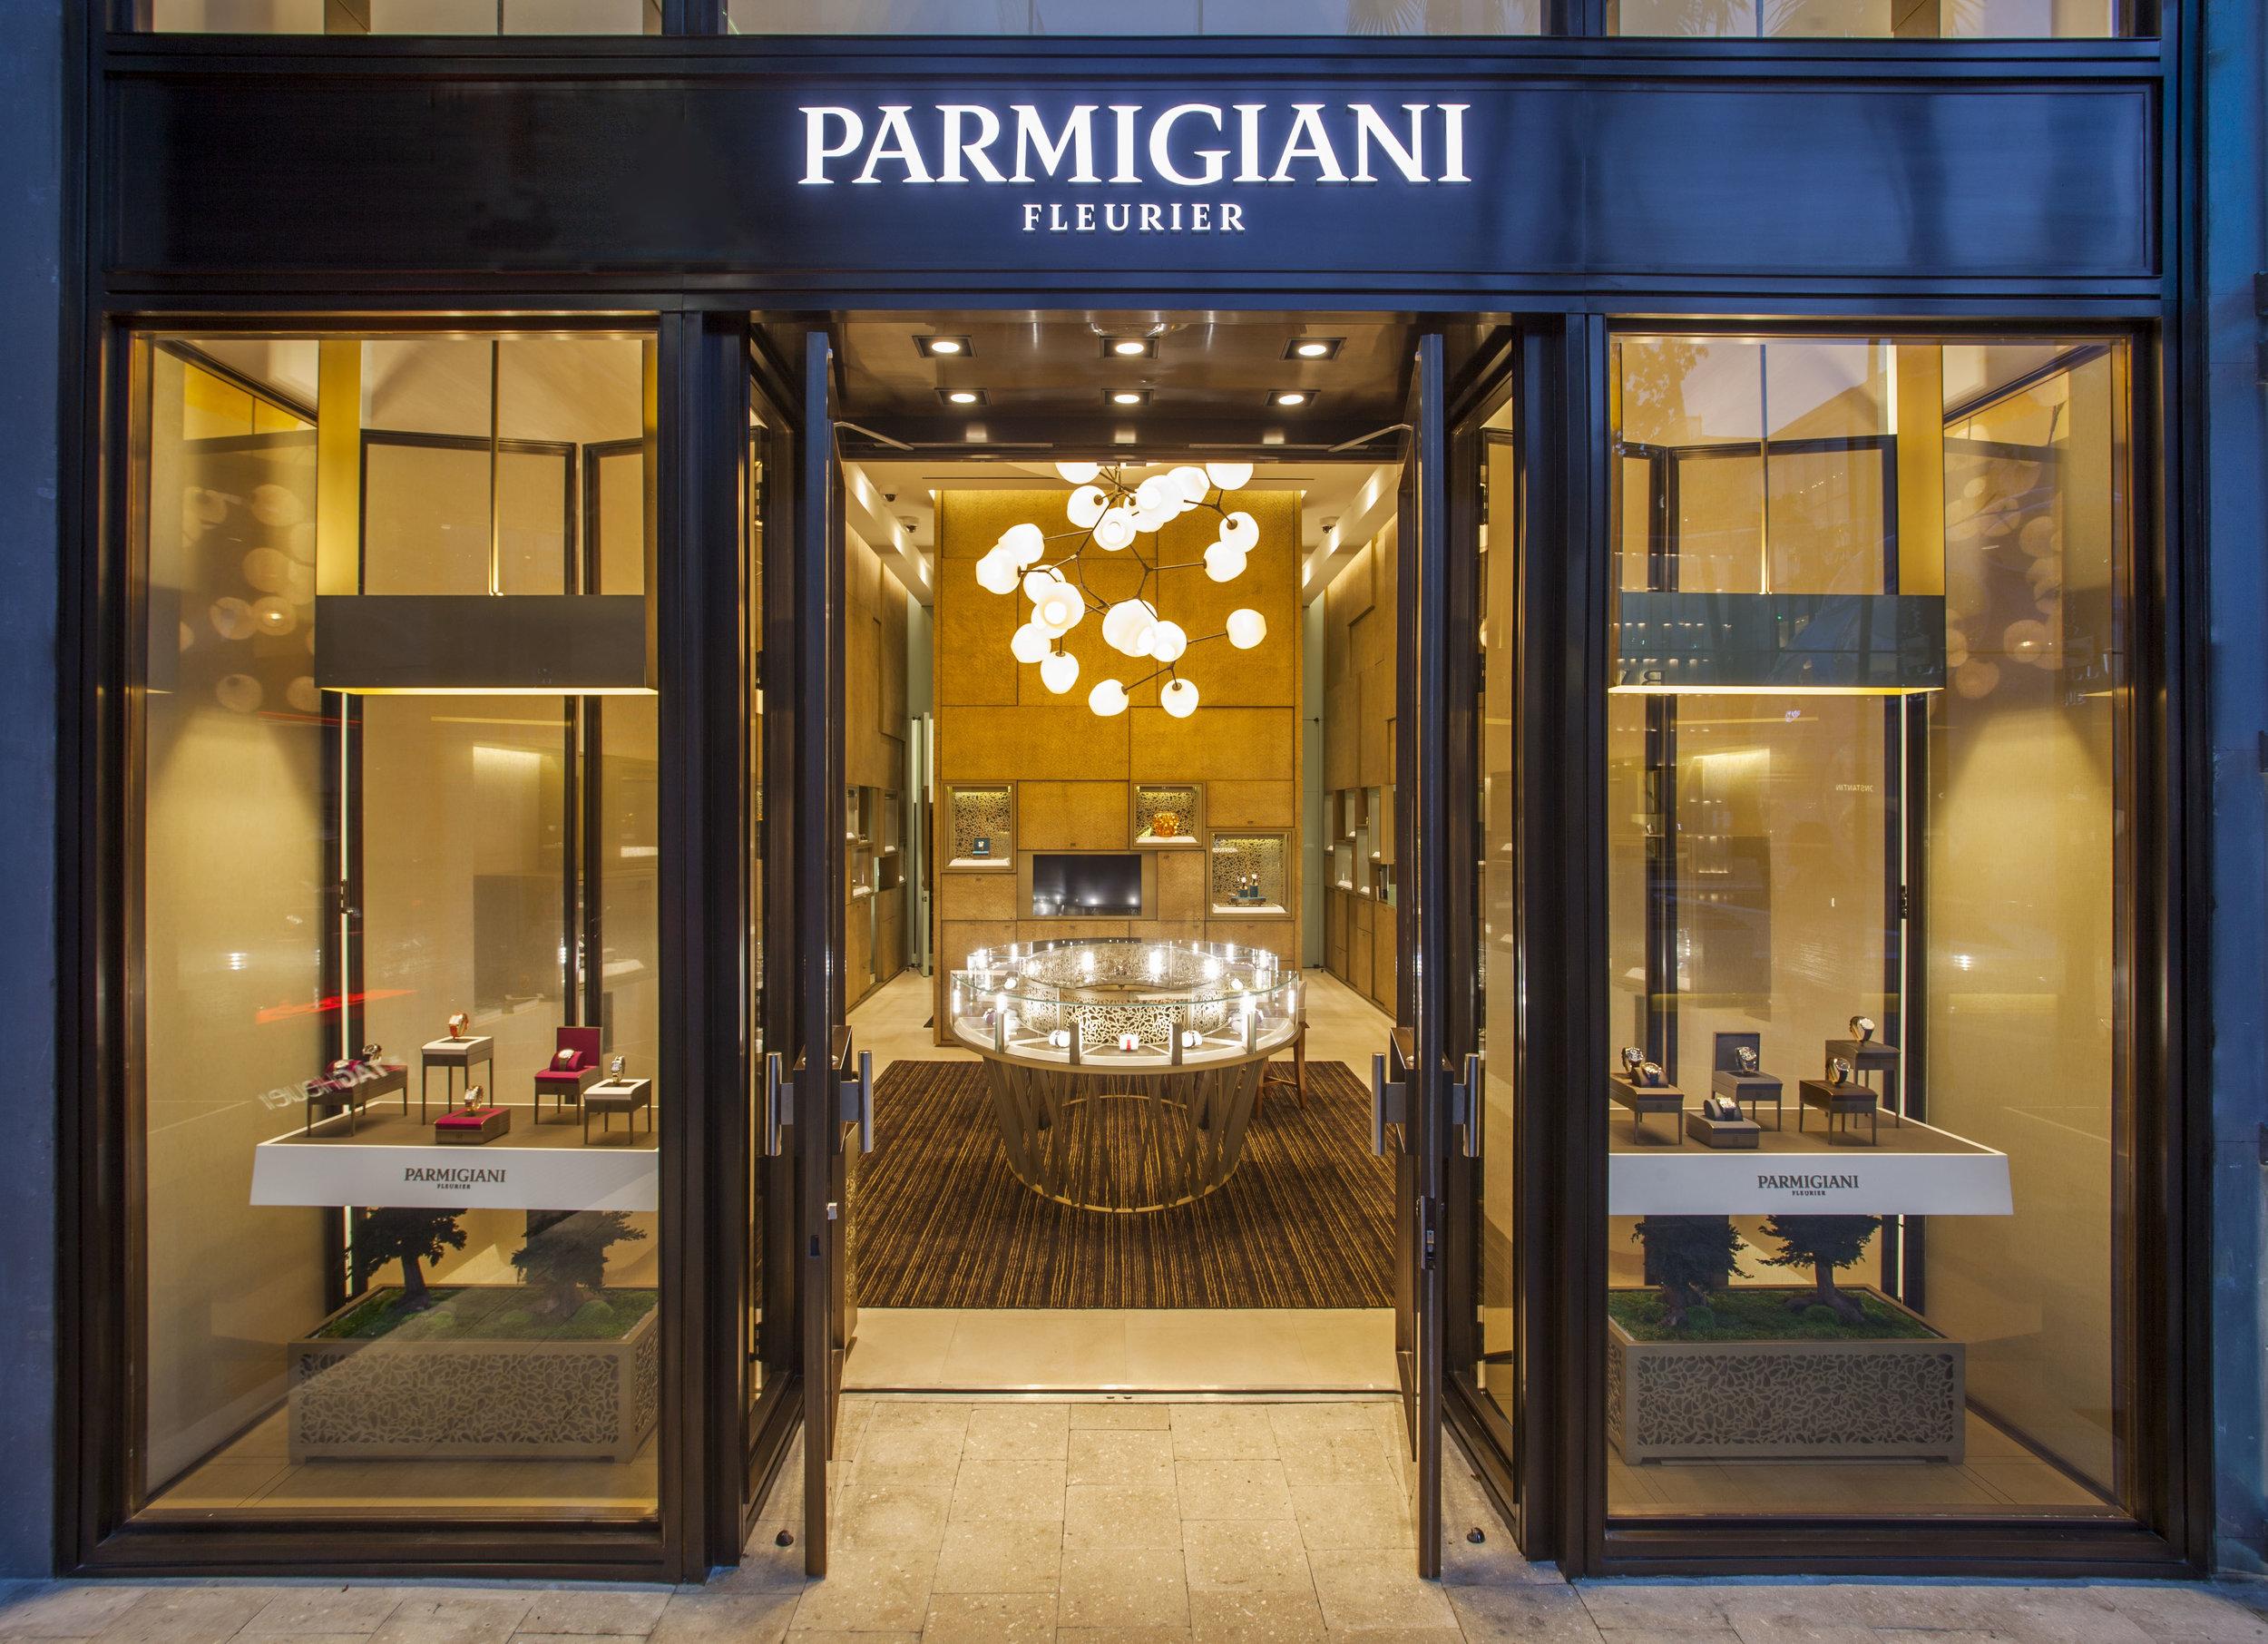 Parmigiani_MG_6463_R.jpg